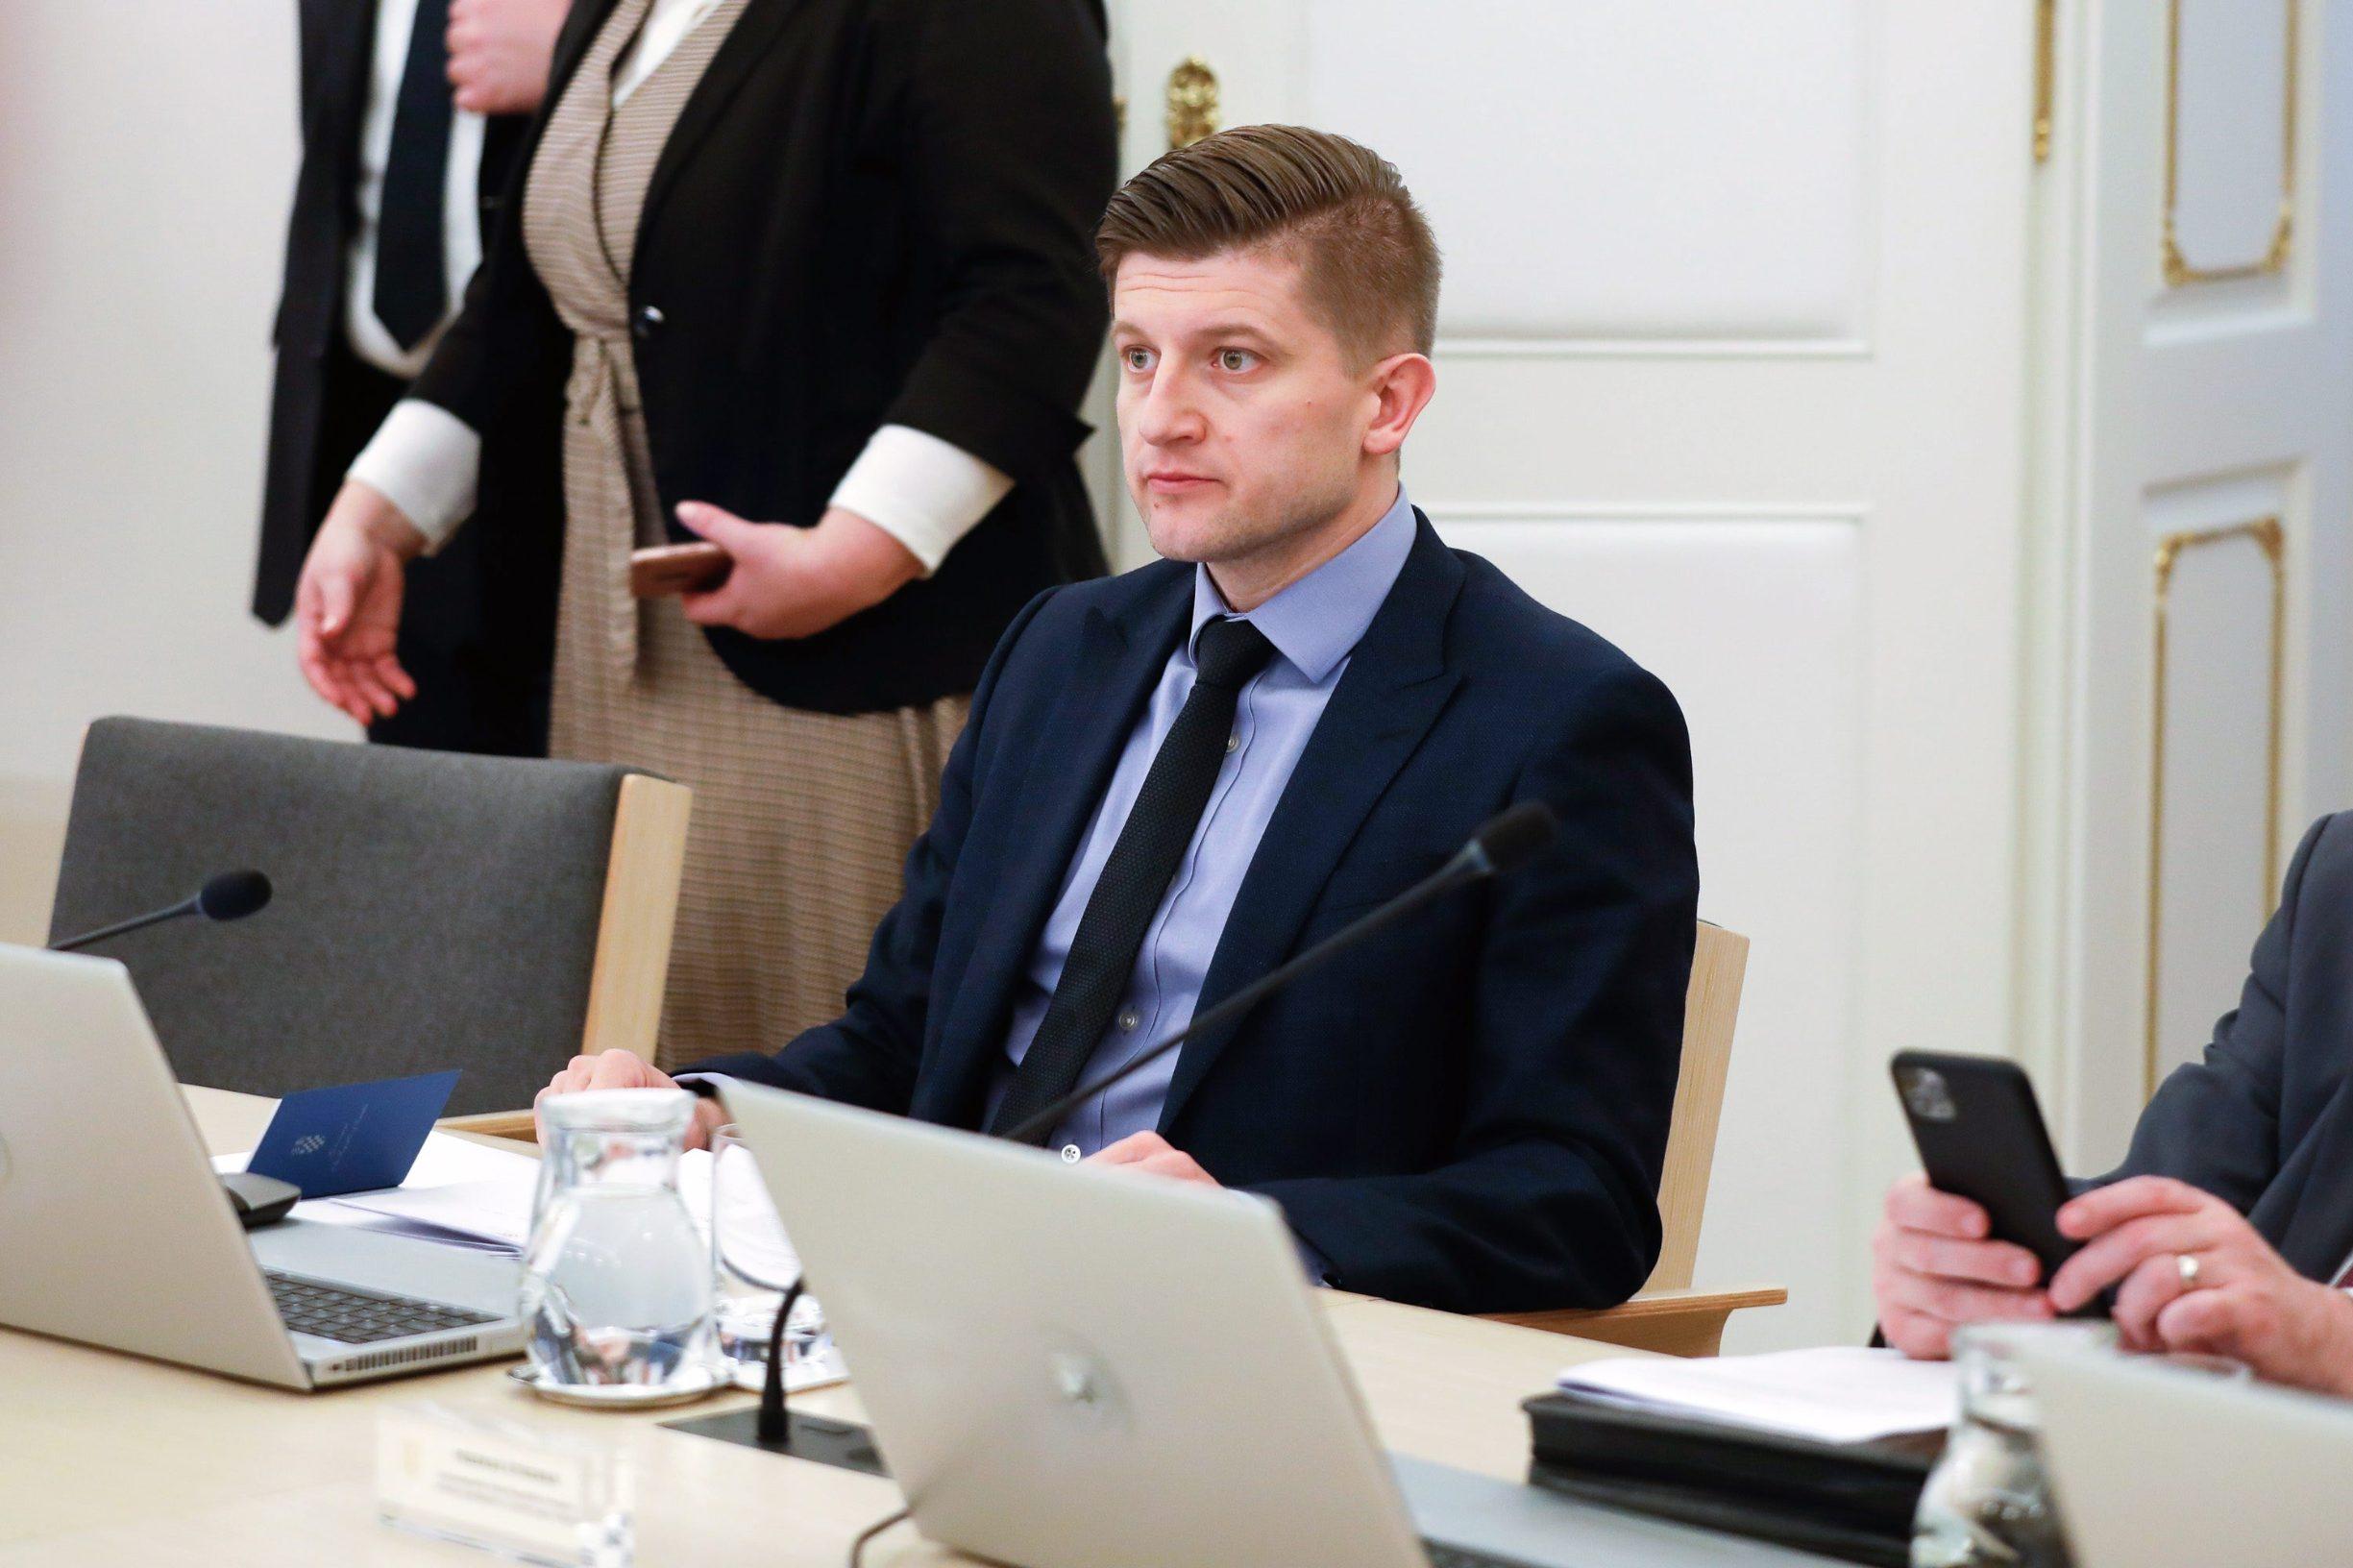 Potpredsjednik hrvatske vlade i ministar financija Zdravko Marić, ujedno i predsjedavajući Vijeća ministara financija EU